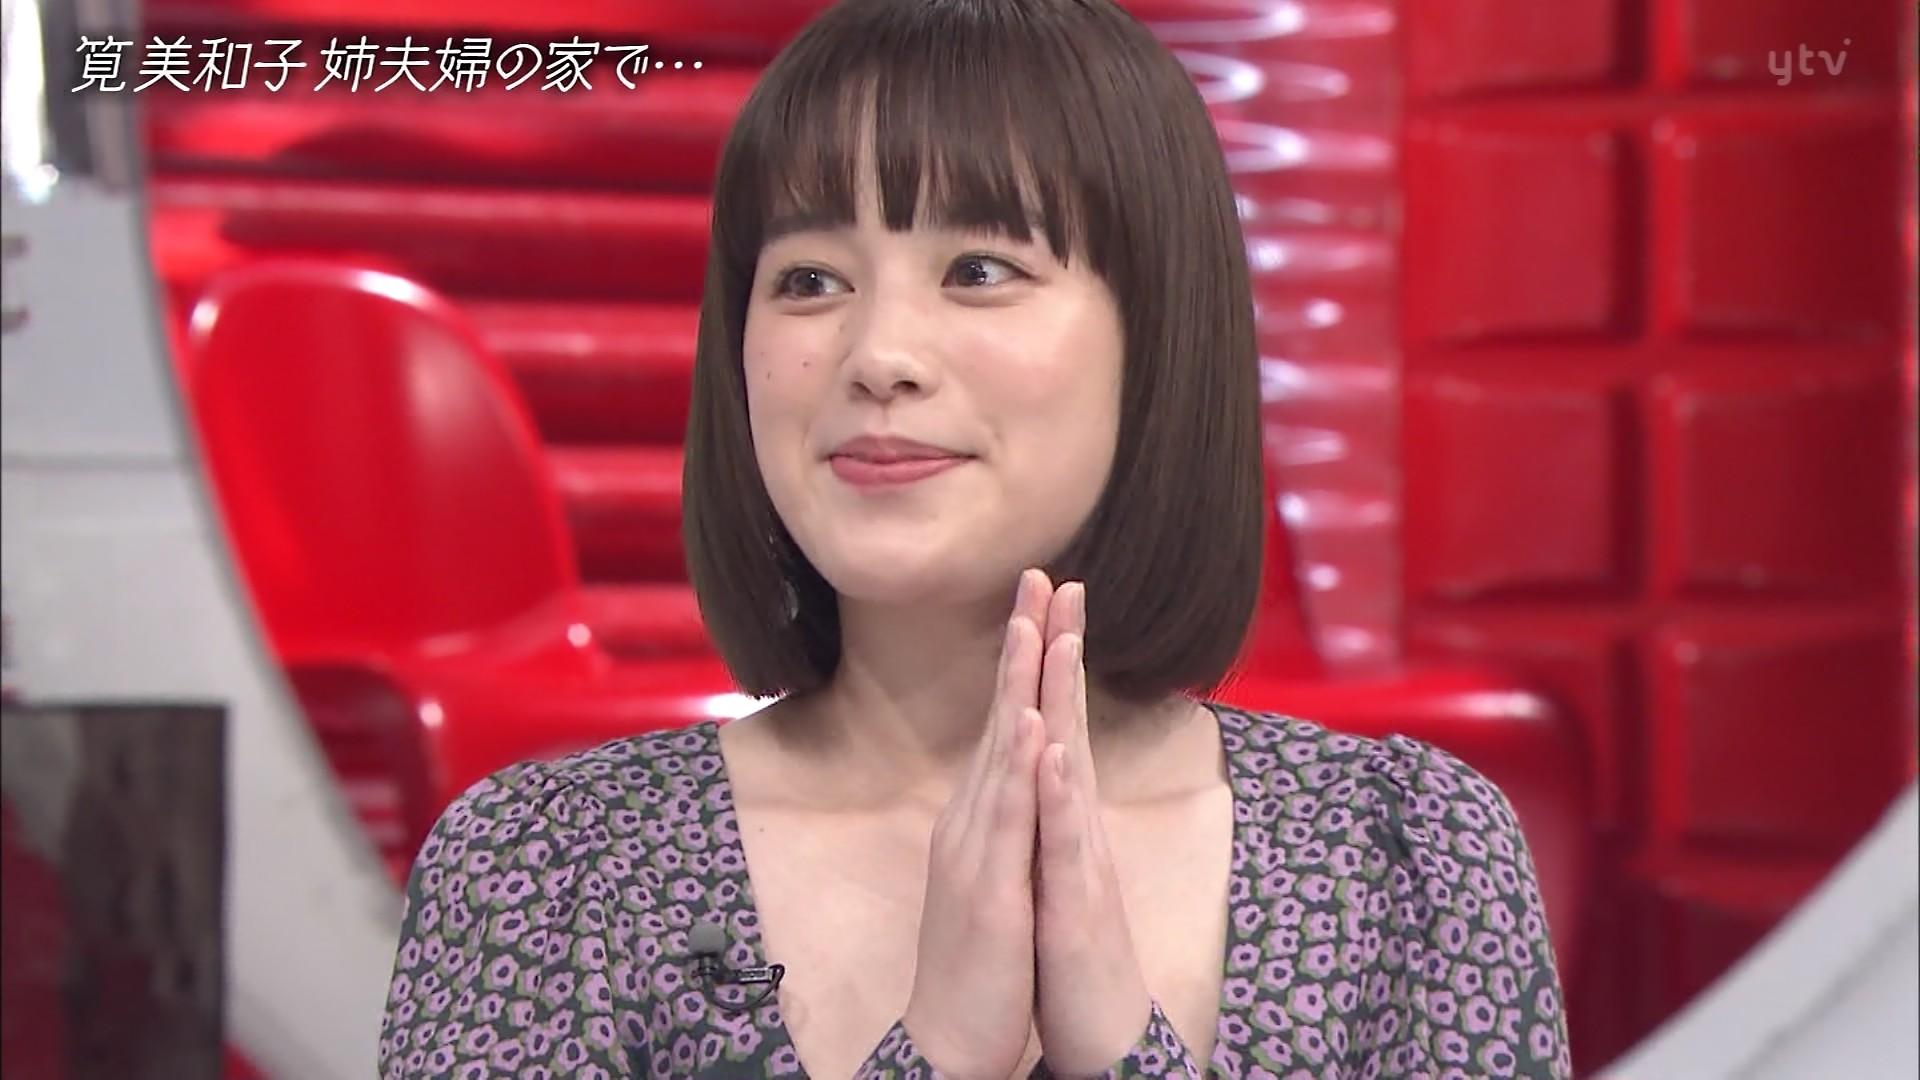 胸チラ_谷間_おっぱい_おしゃれイズム_43